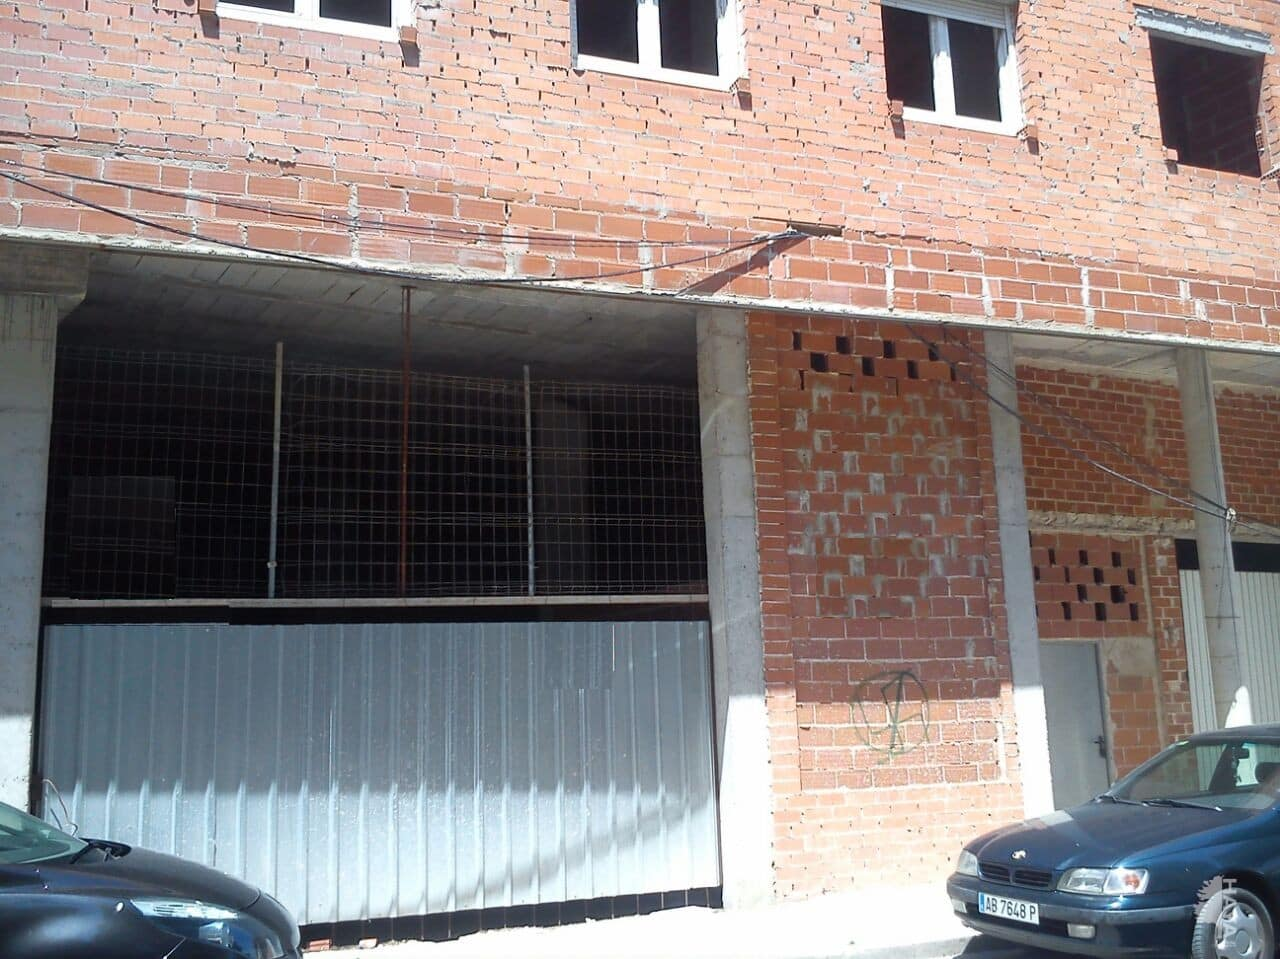 Piso en venta en La Roda, Albacete, Calle Juan Garcia Glz, 46.300 €, 1 habitación, 1 baño, 108 m2